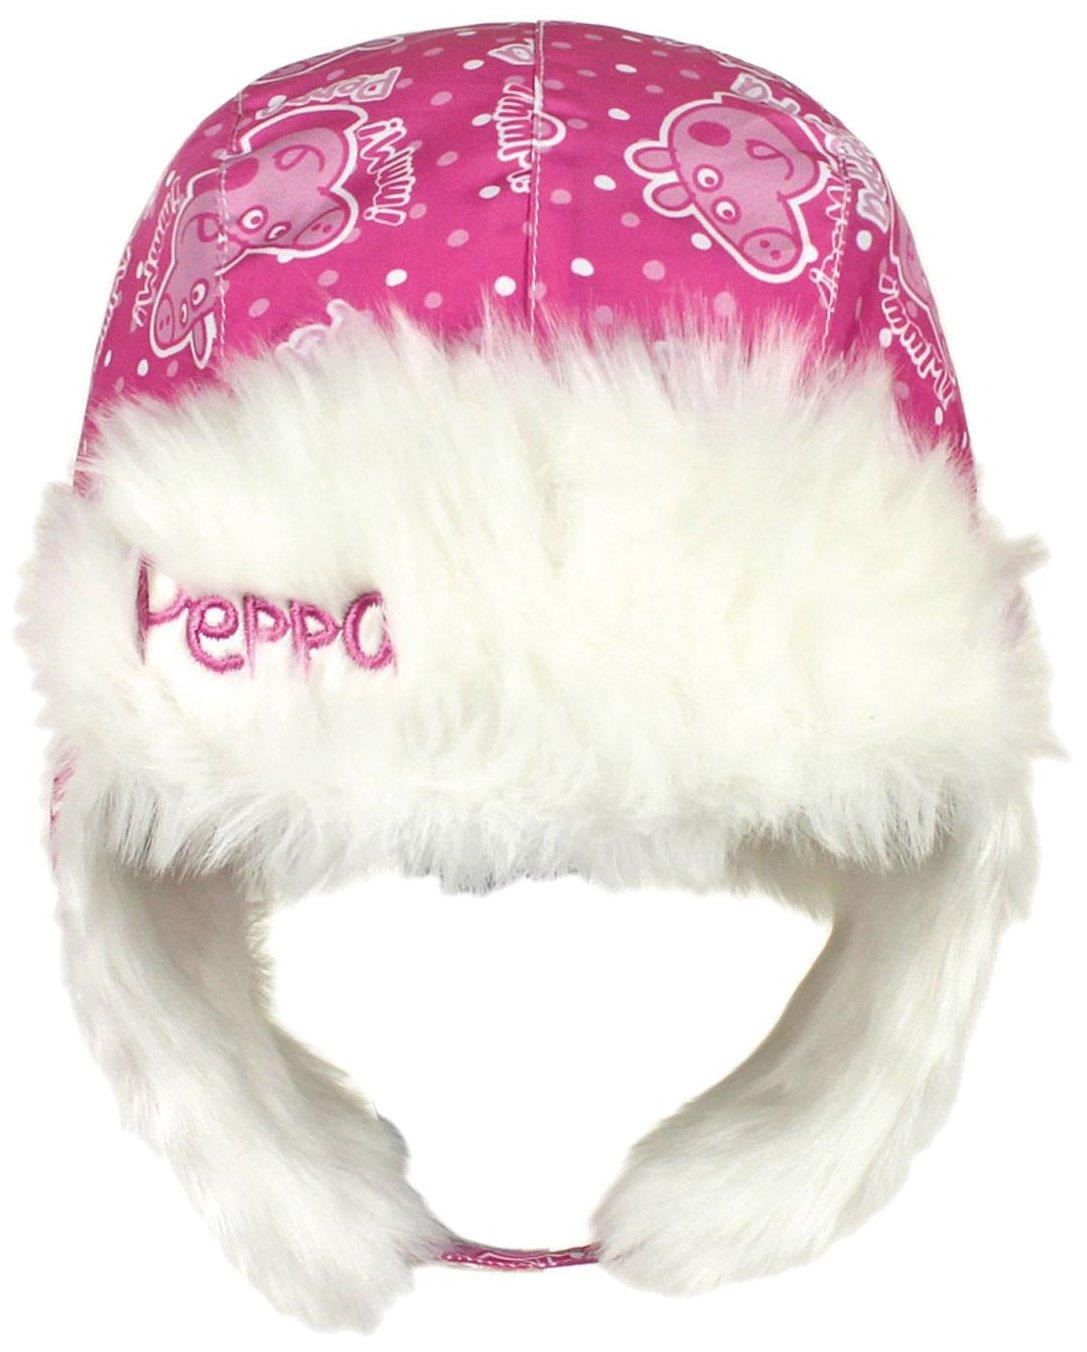 Peppa Pig 2200000391, Gorro Para Niñas, color Rosa, talla 54 Cerdá